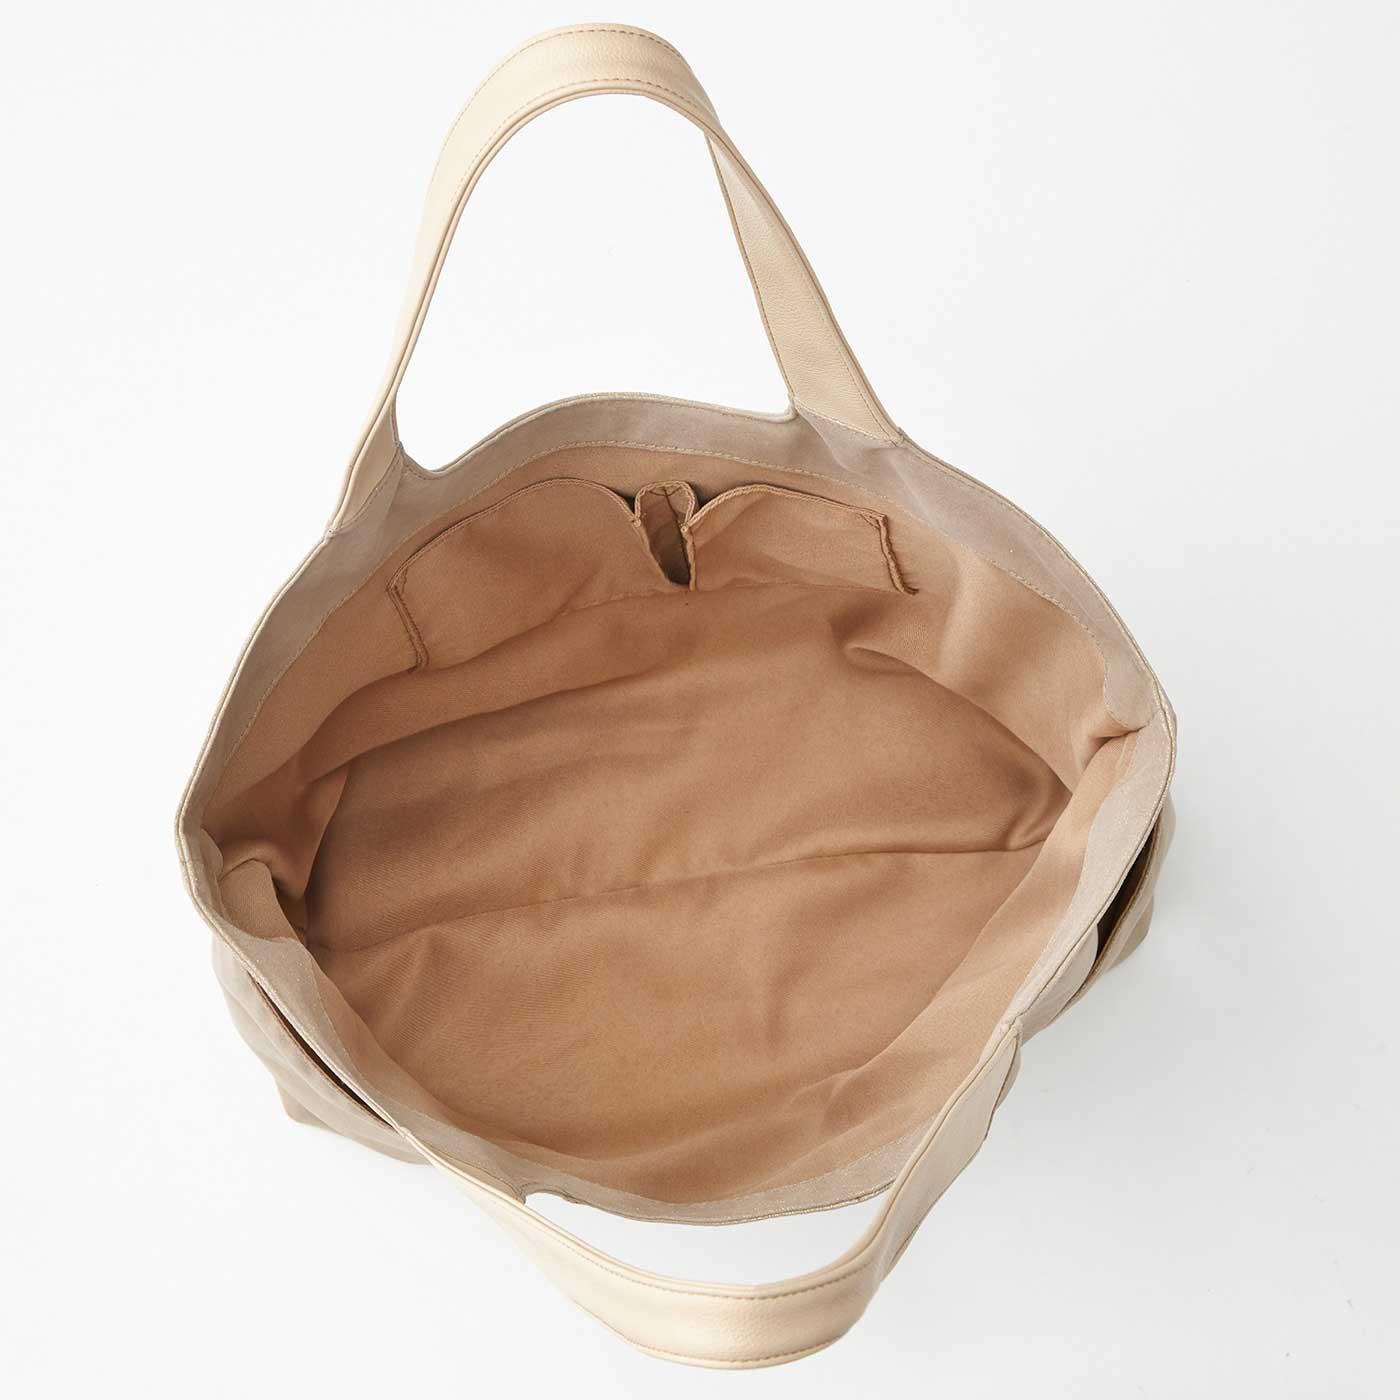 内側にもふたつのポケット付き。底幅もたっぷりで使い勝手抜群。